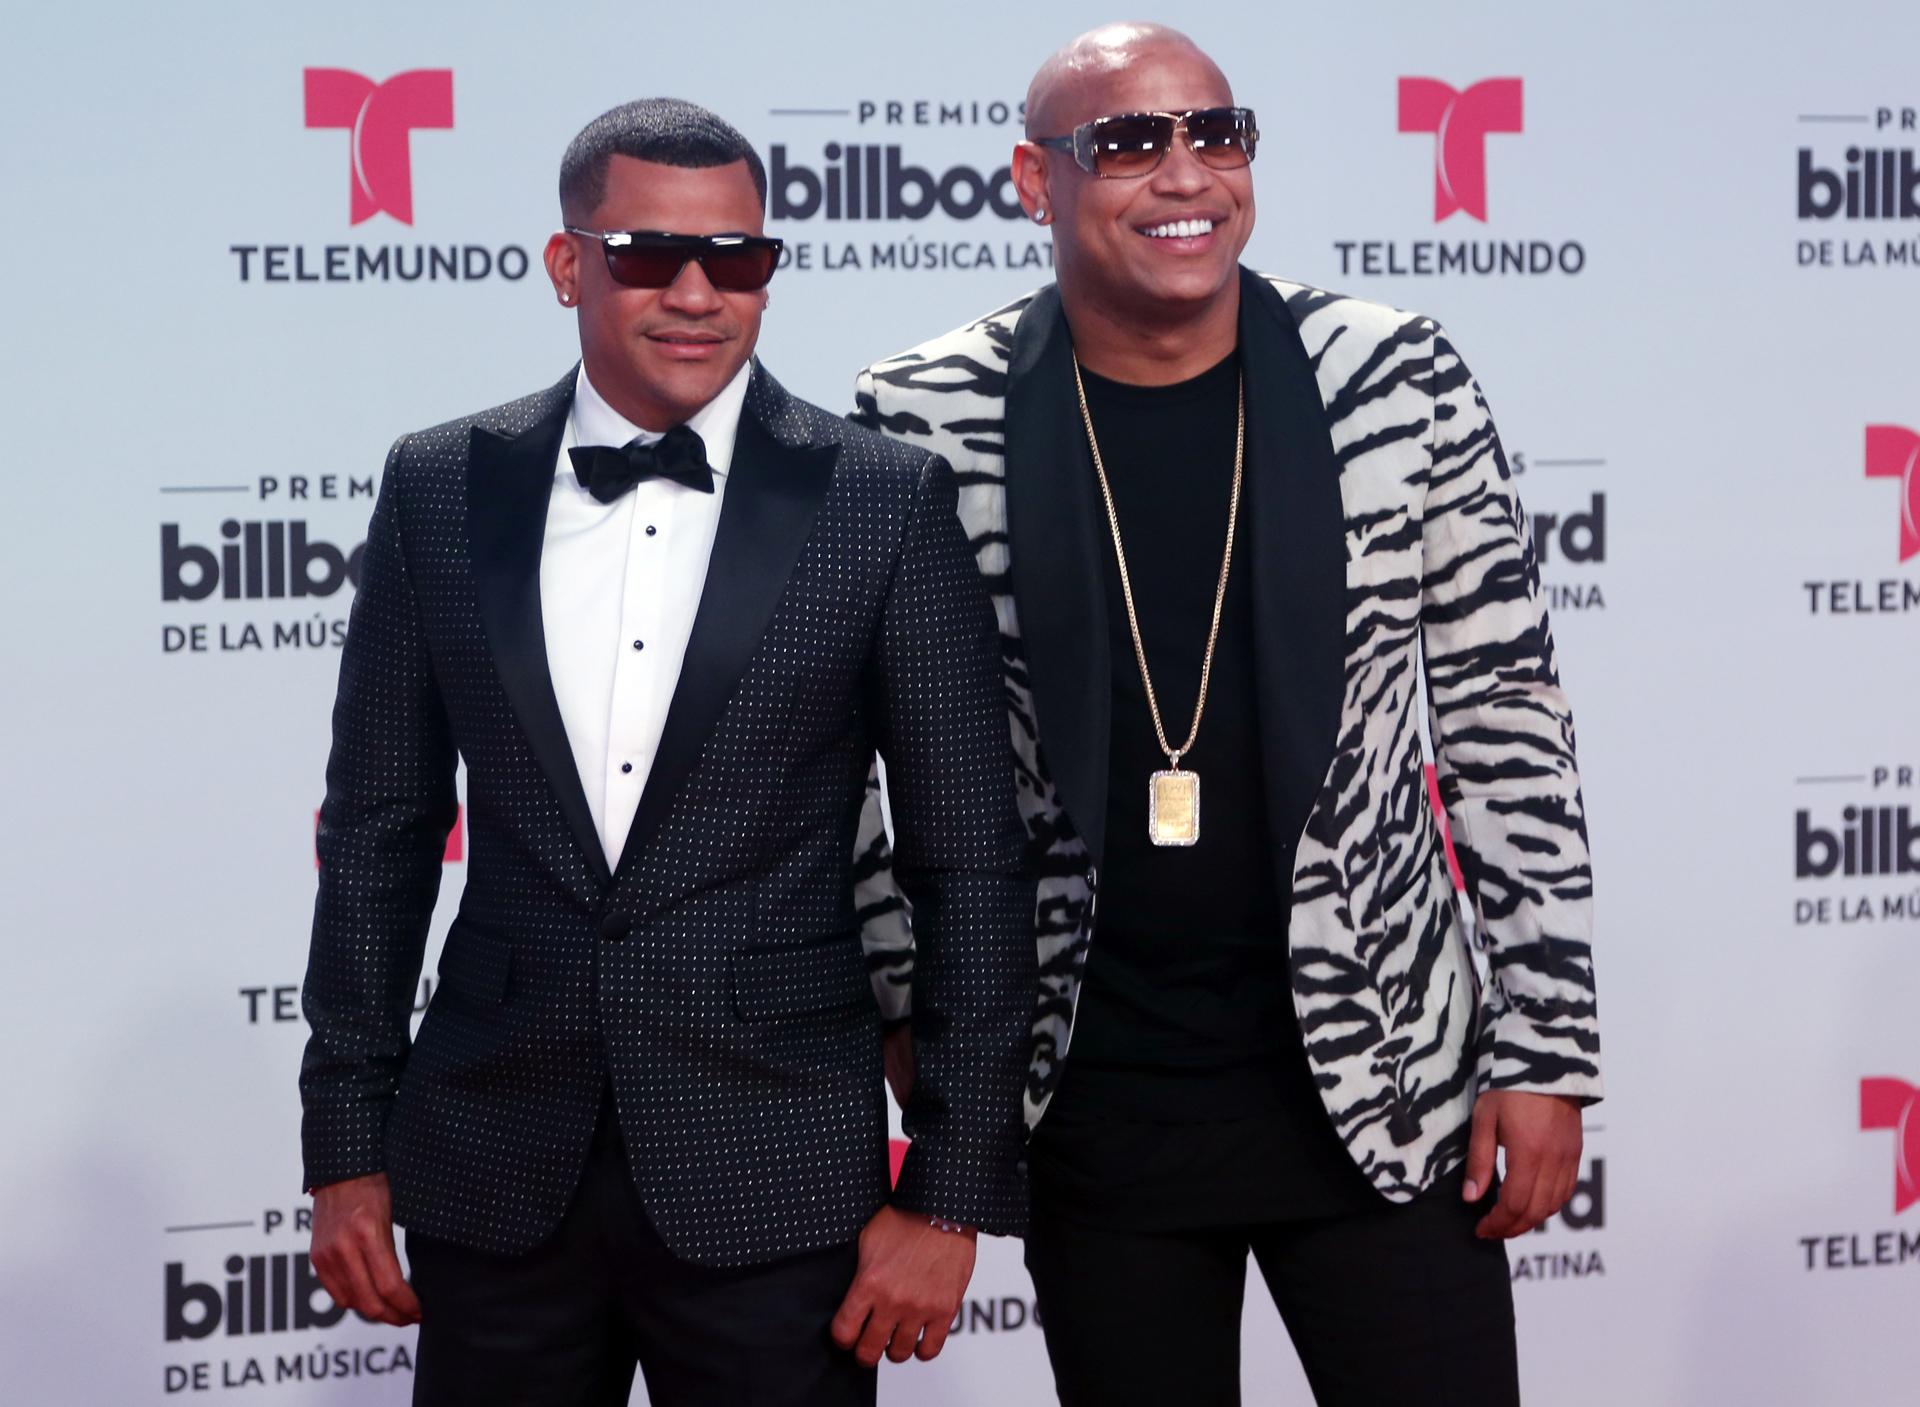 El duo de Gente de Zona llamó la atención de todos con sus smoking y sus gafas. (AP Photo/Wilfredo Lee)